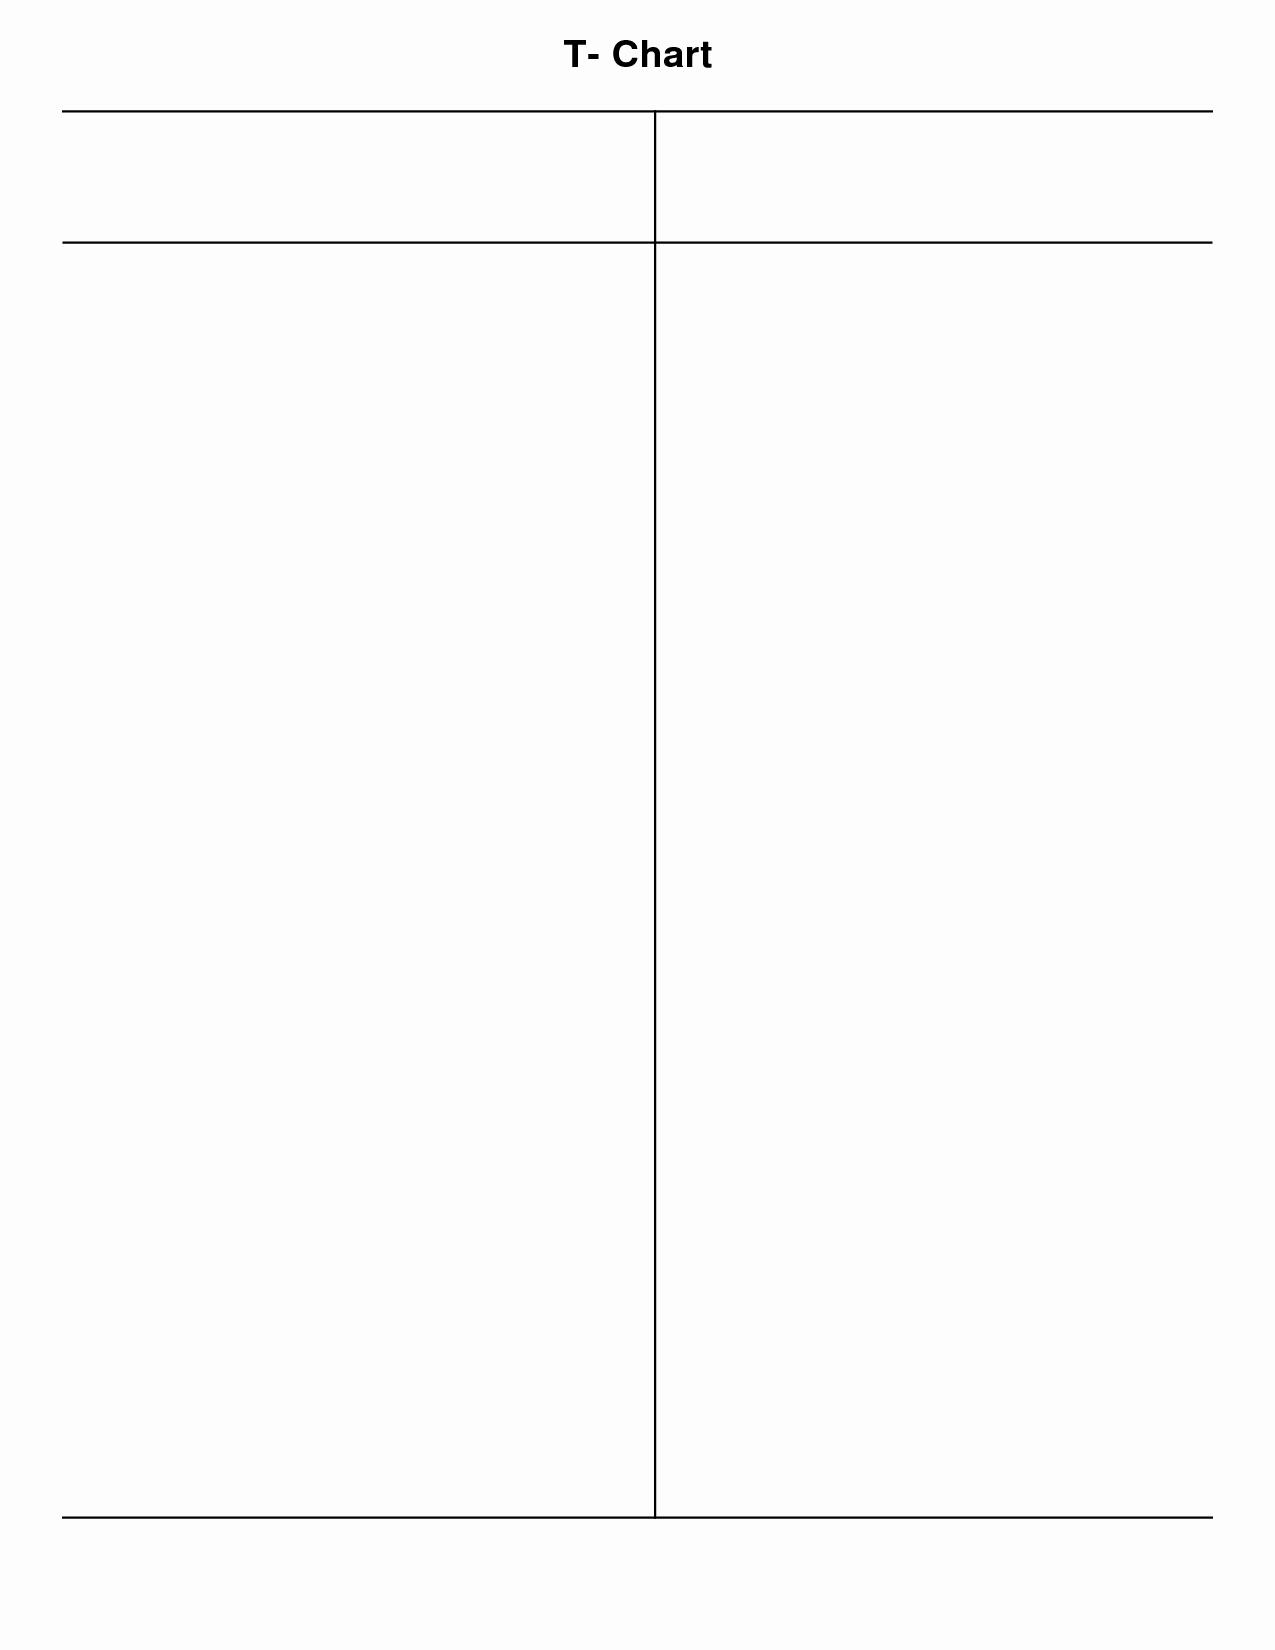 T Chart Template Pdf Elegant 10 Best Of T Chart Pdf T Chart Graphic organizer